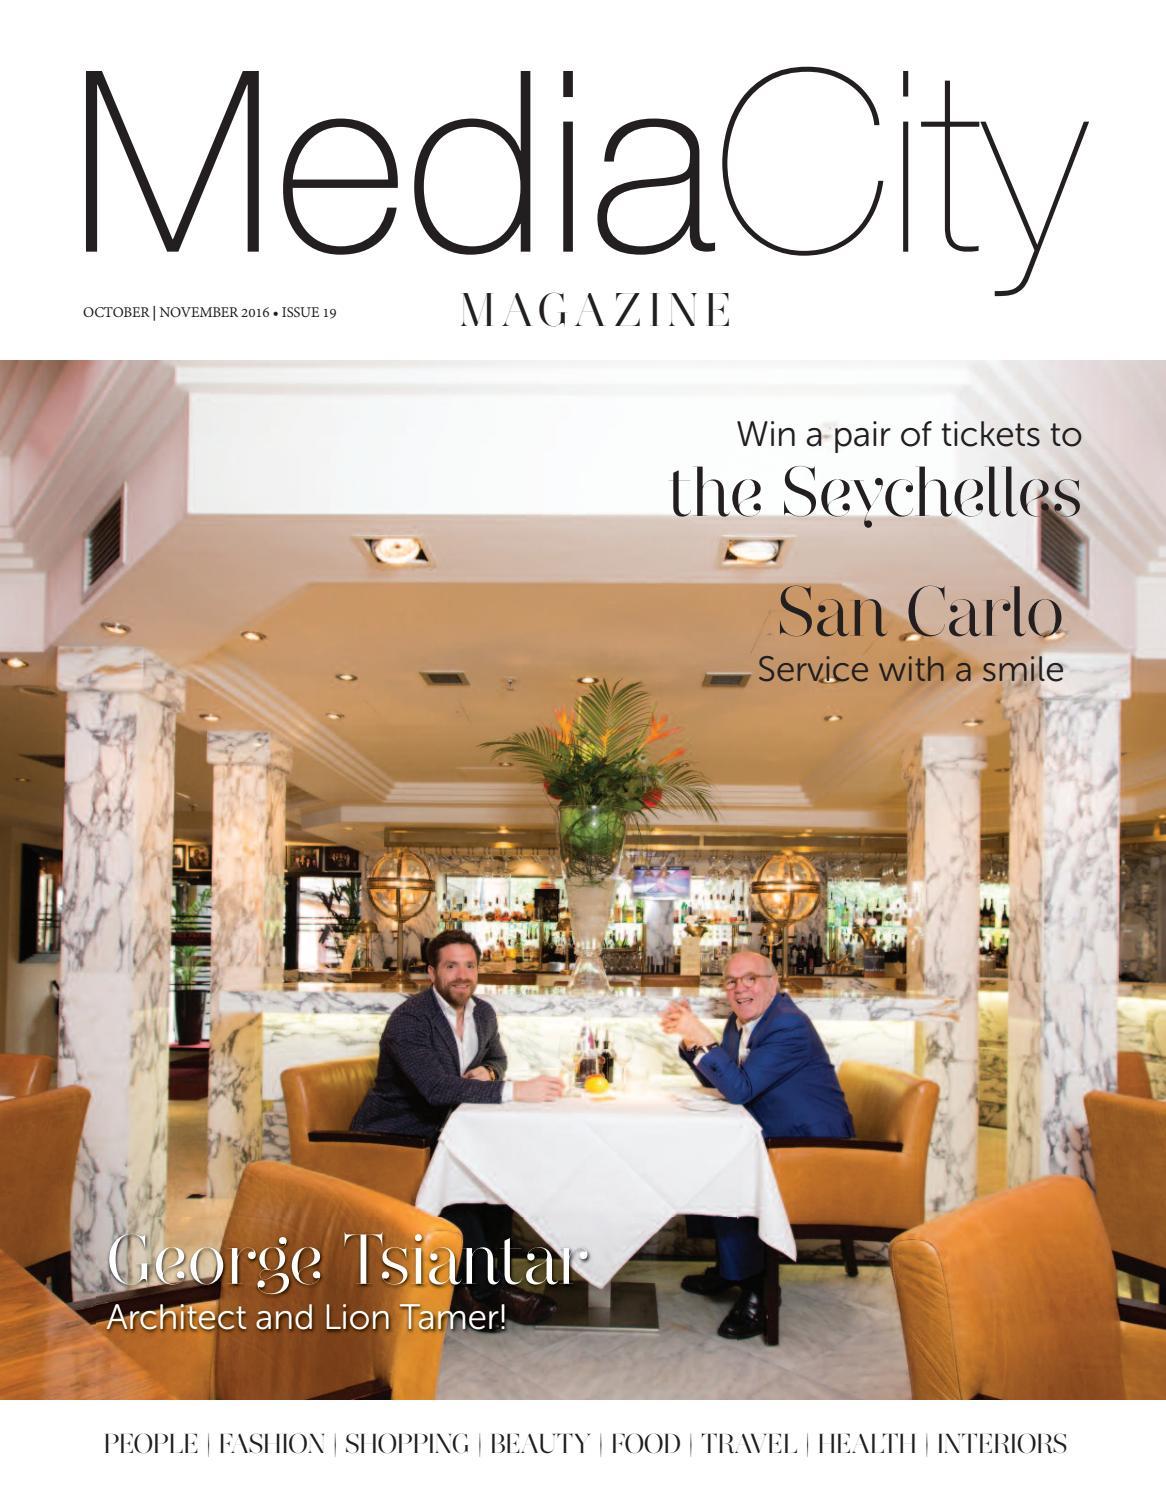 e642d9a9e1d86 Media City Magazine Oct